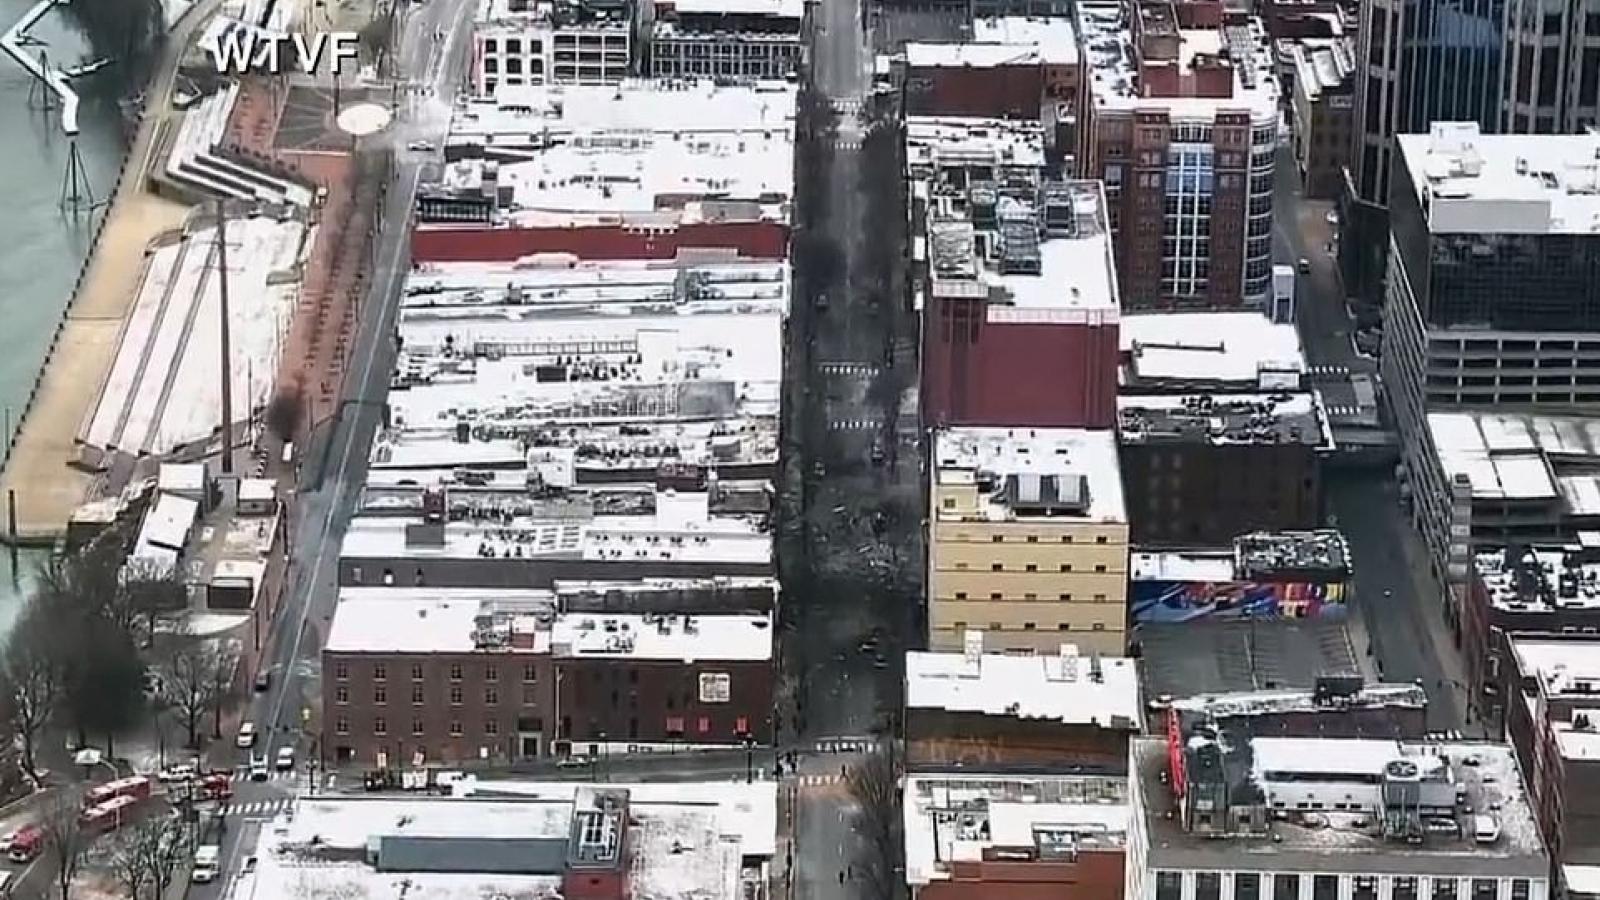 Nhân chứng vụ nổ Nashville: Mọi thứ trên đường đều bốc cháy